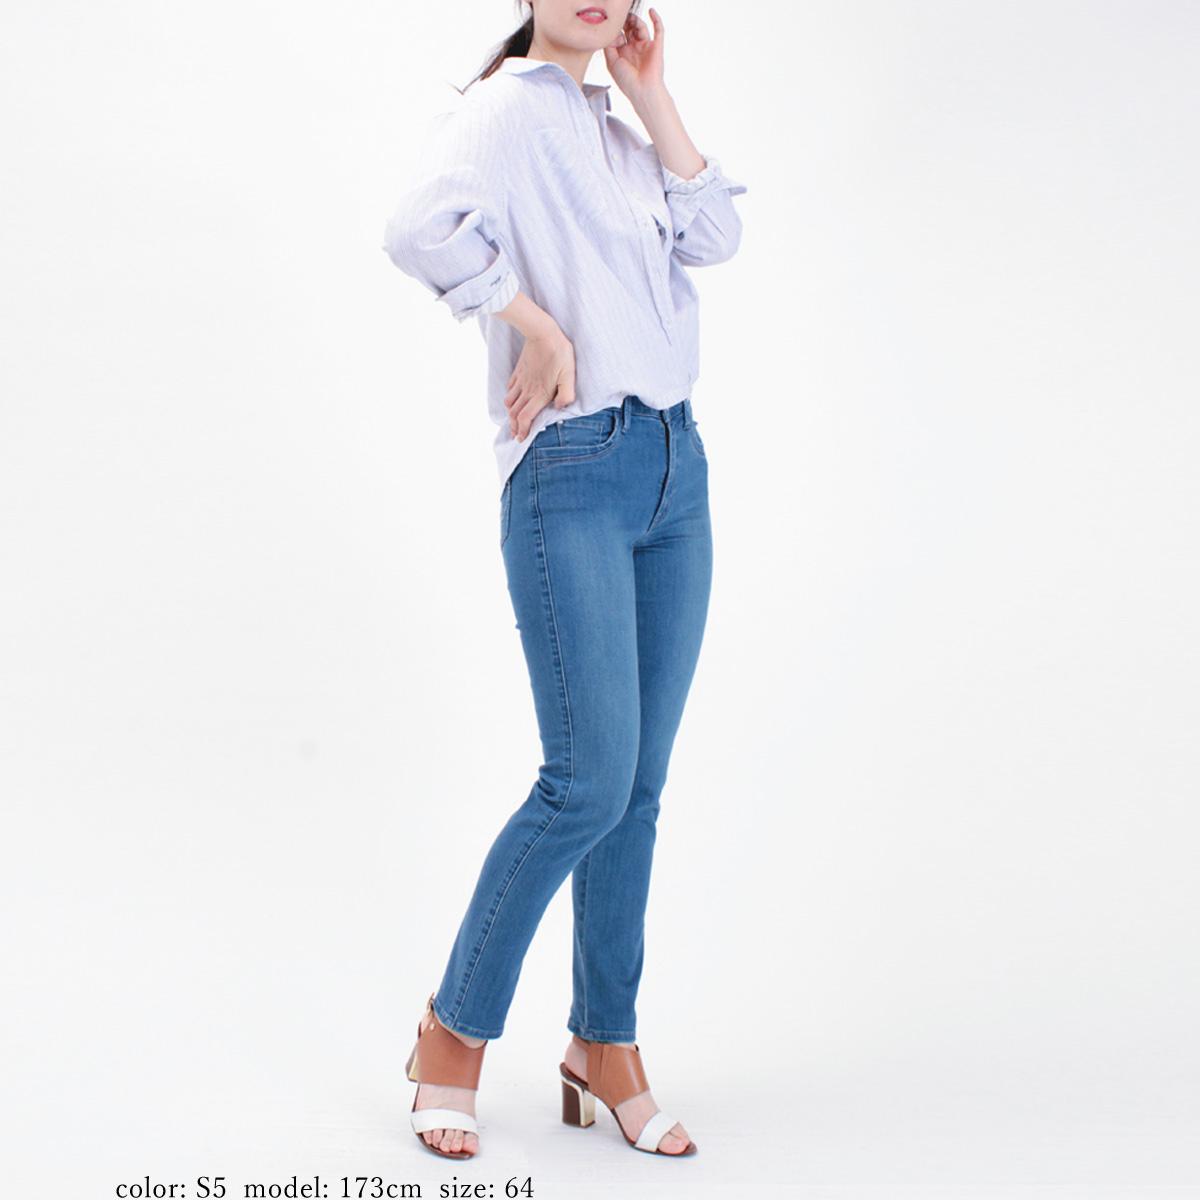 【SALE】Mrs.Jeana GOLD ■涼■クールビューティストレッチデニム サマーテーパードストレート GM3912